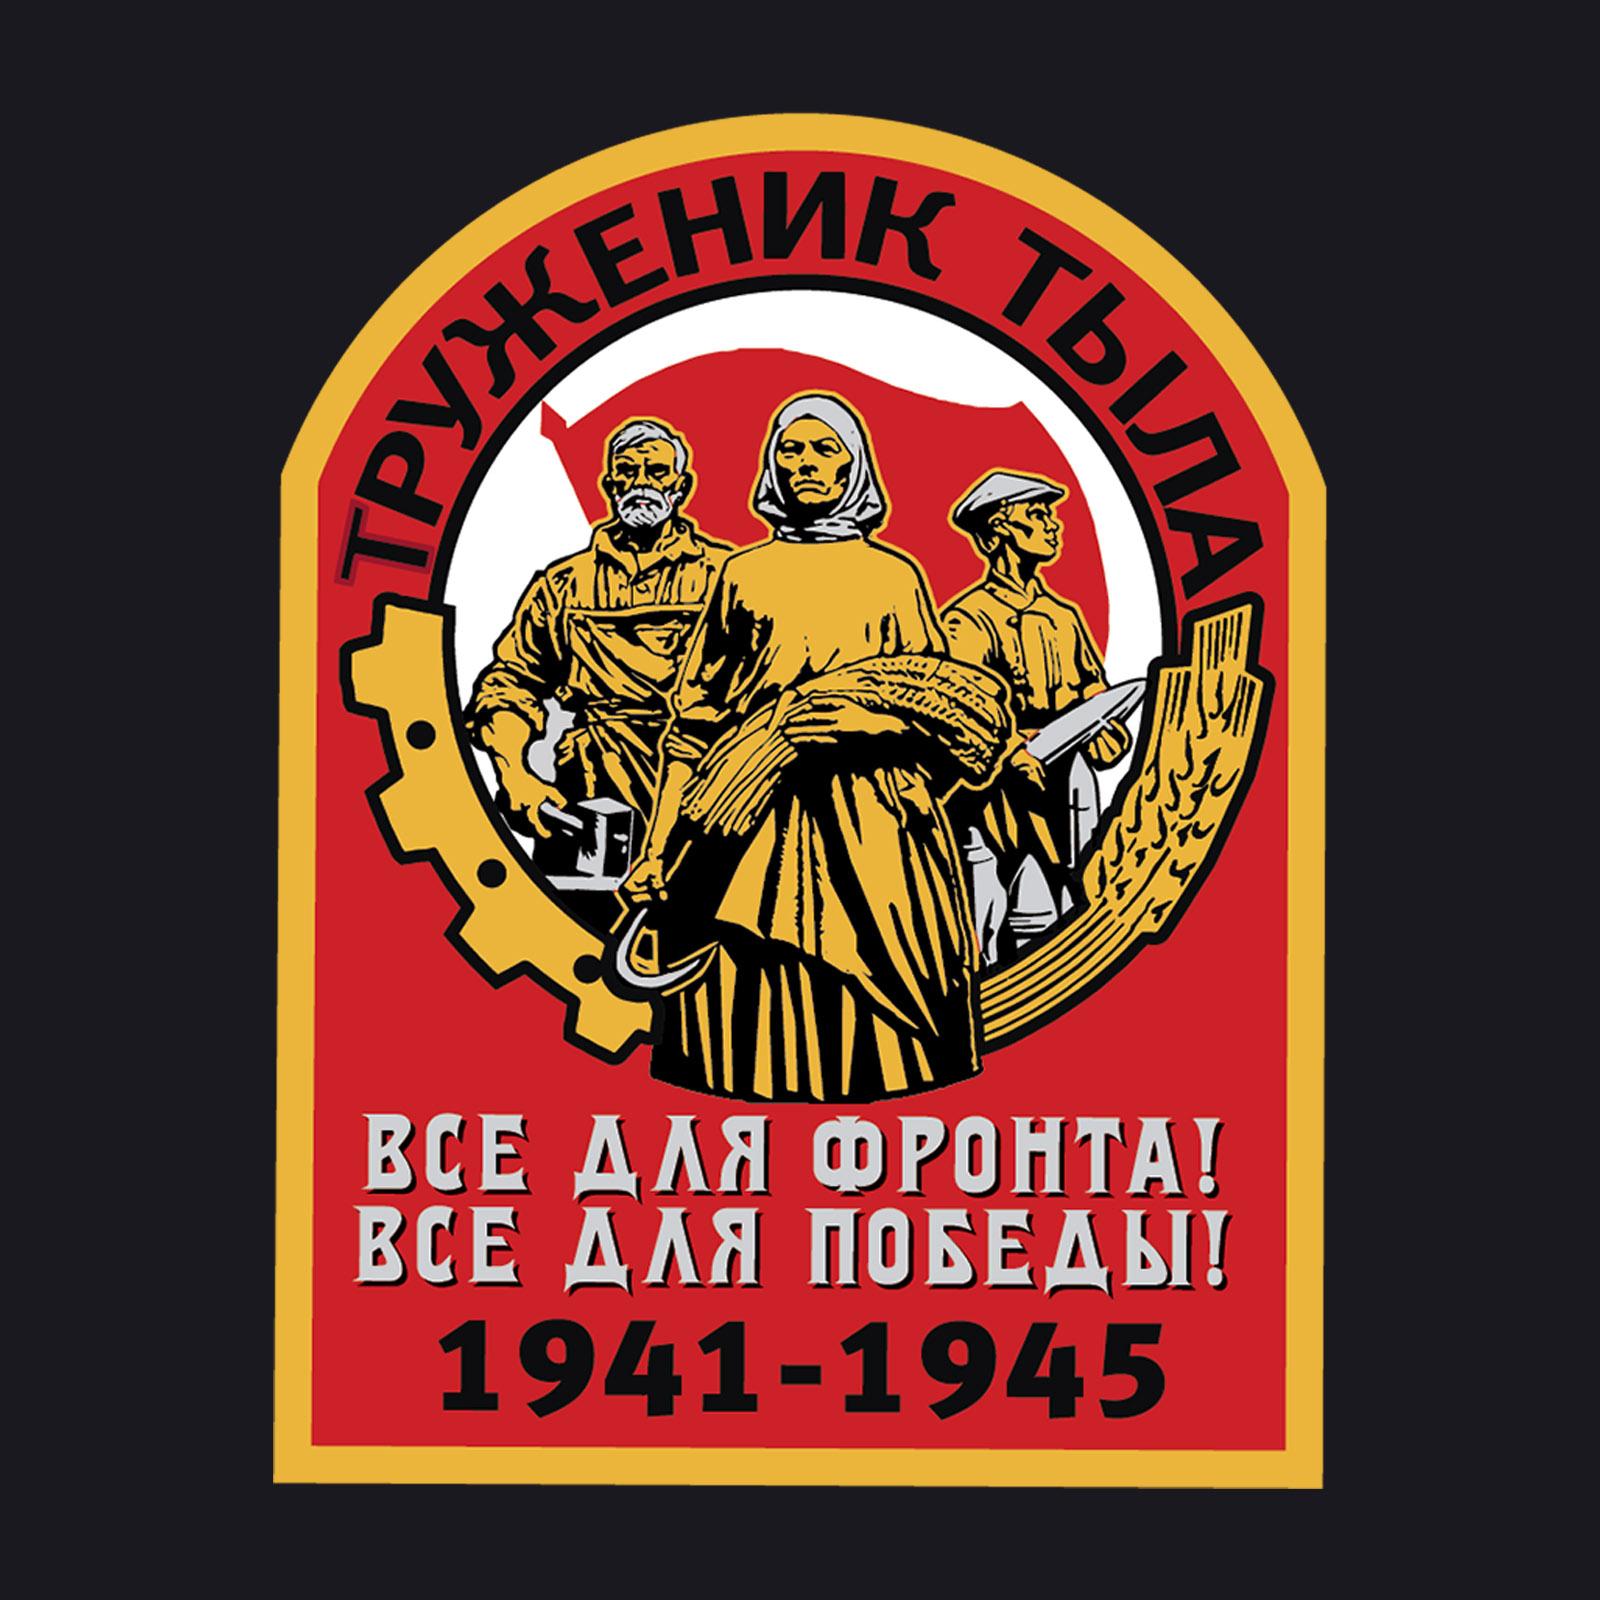 """Черная футболка Труженик тыла """"Все для фронта! Все для победы!"""" 1941-1945"""